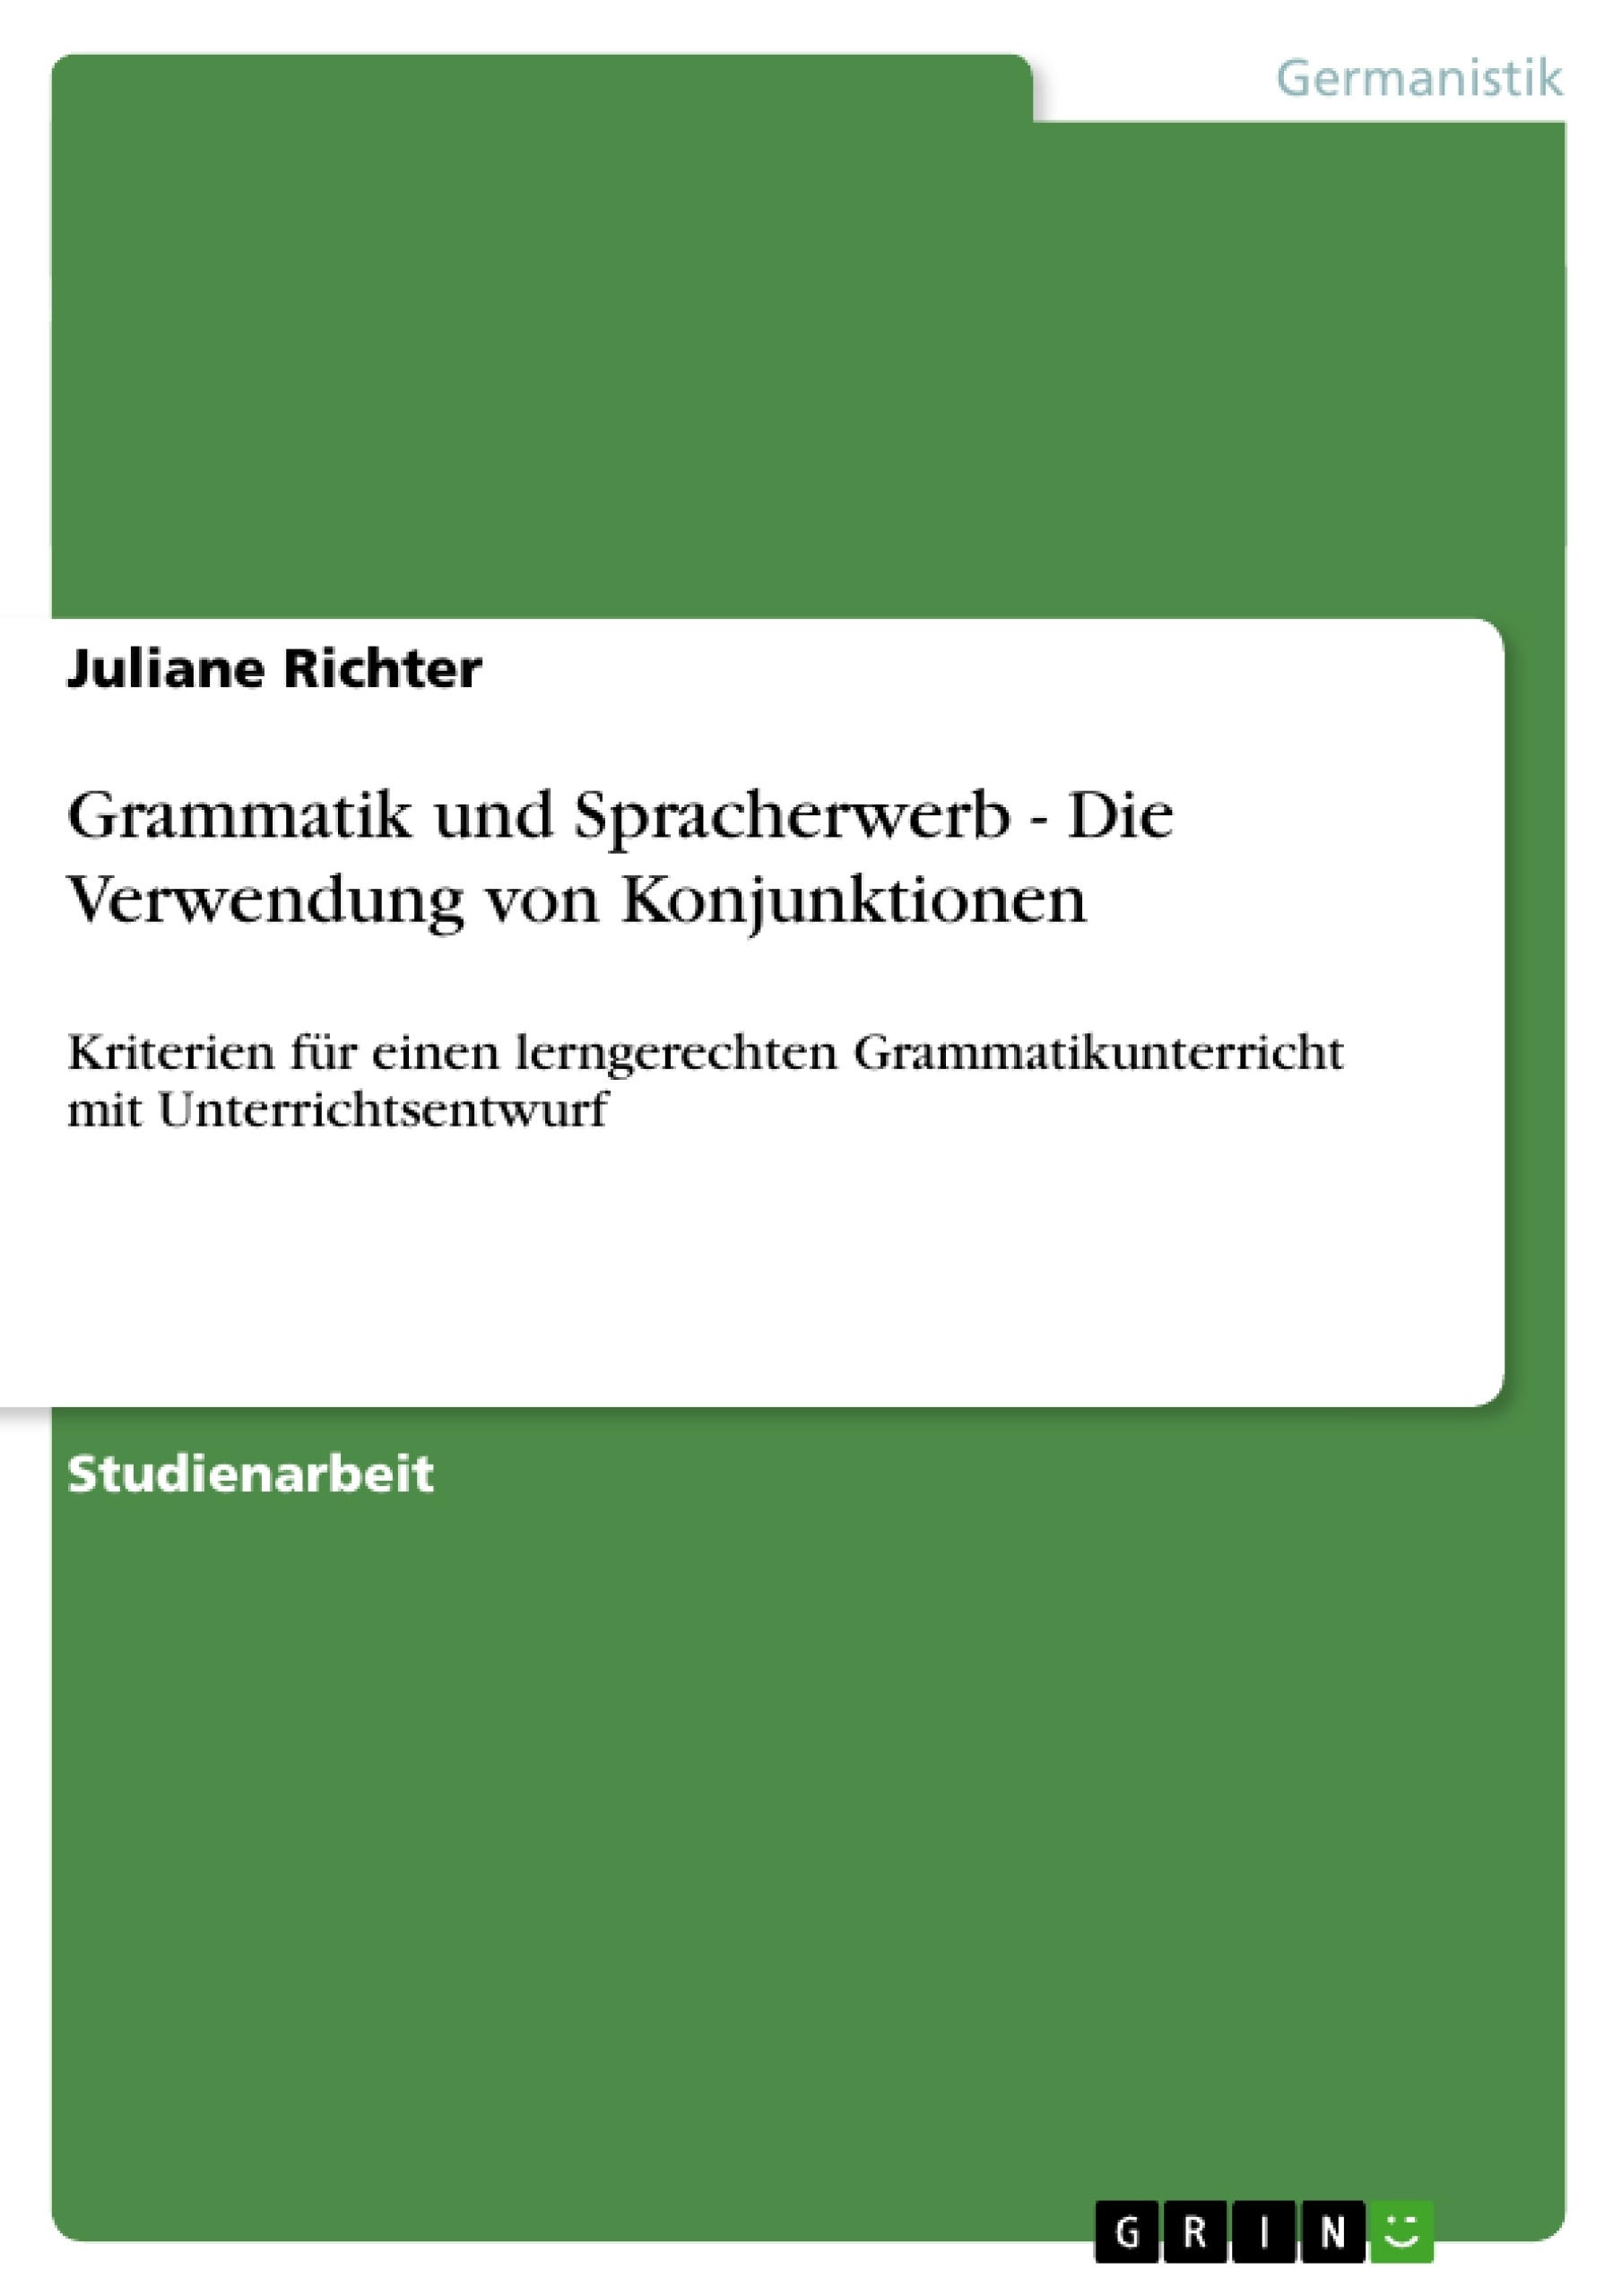 Titel: Grammatik und Spracherwerb - Die Verwendung von Konjunktionen